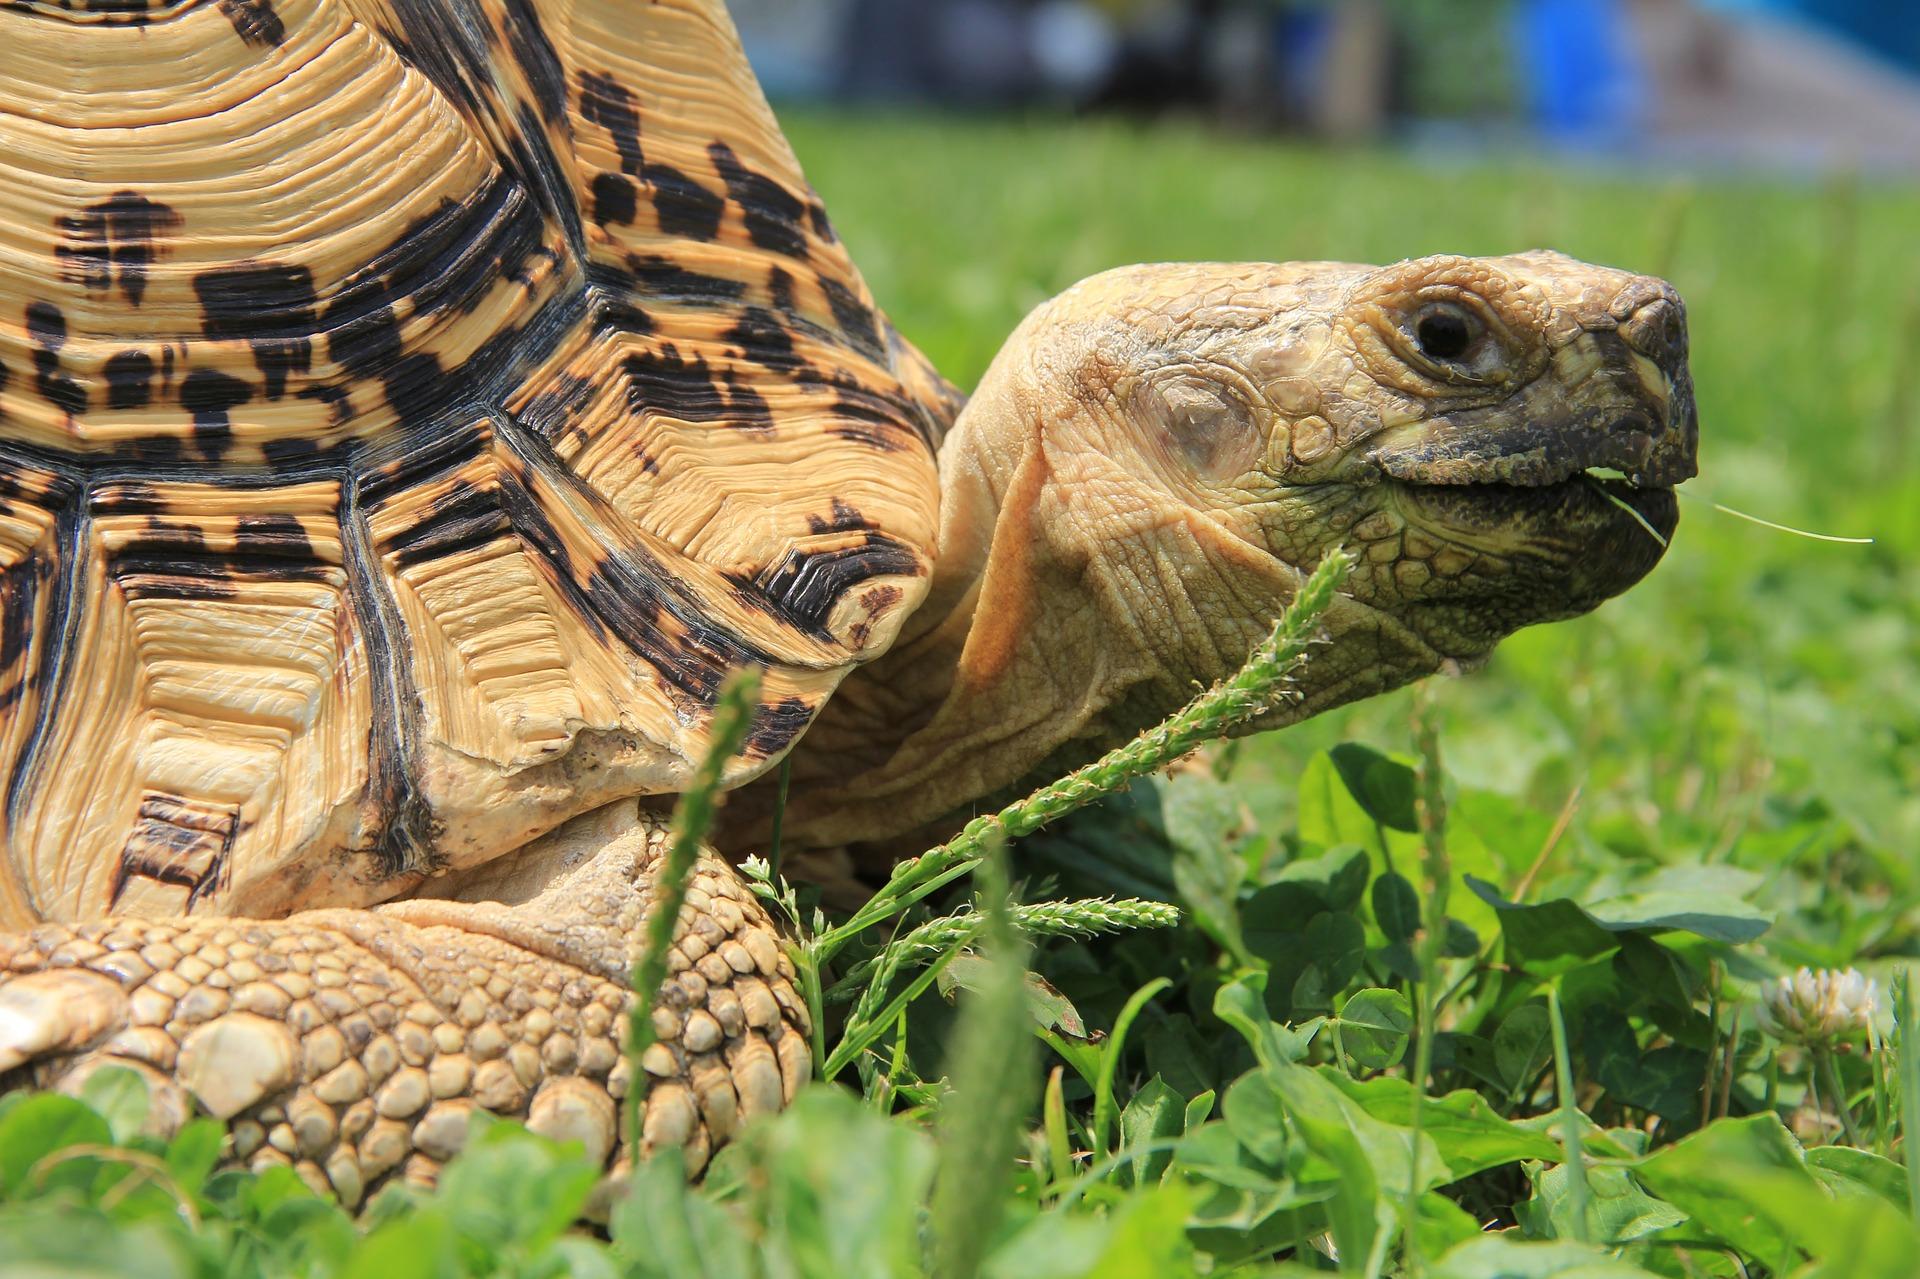 turtle-3546508_1920.jpg